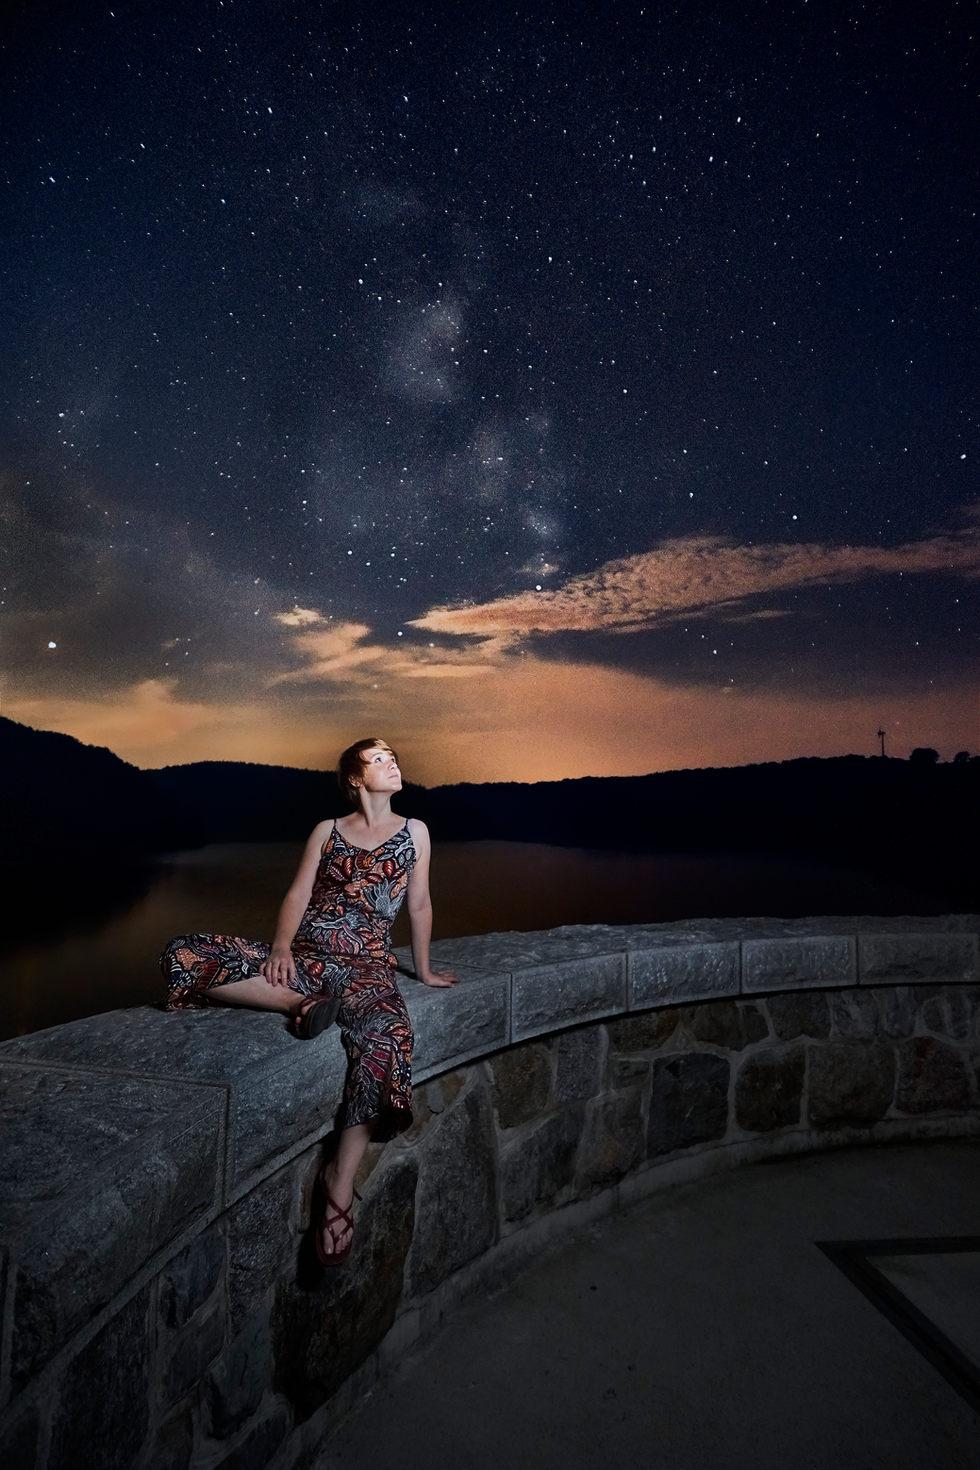 Astro-Portrait